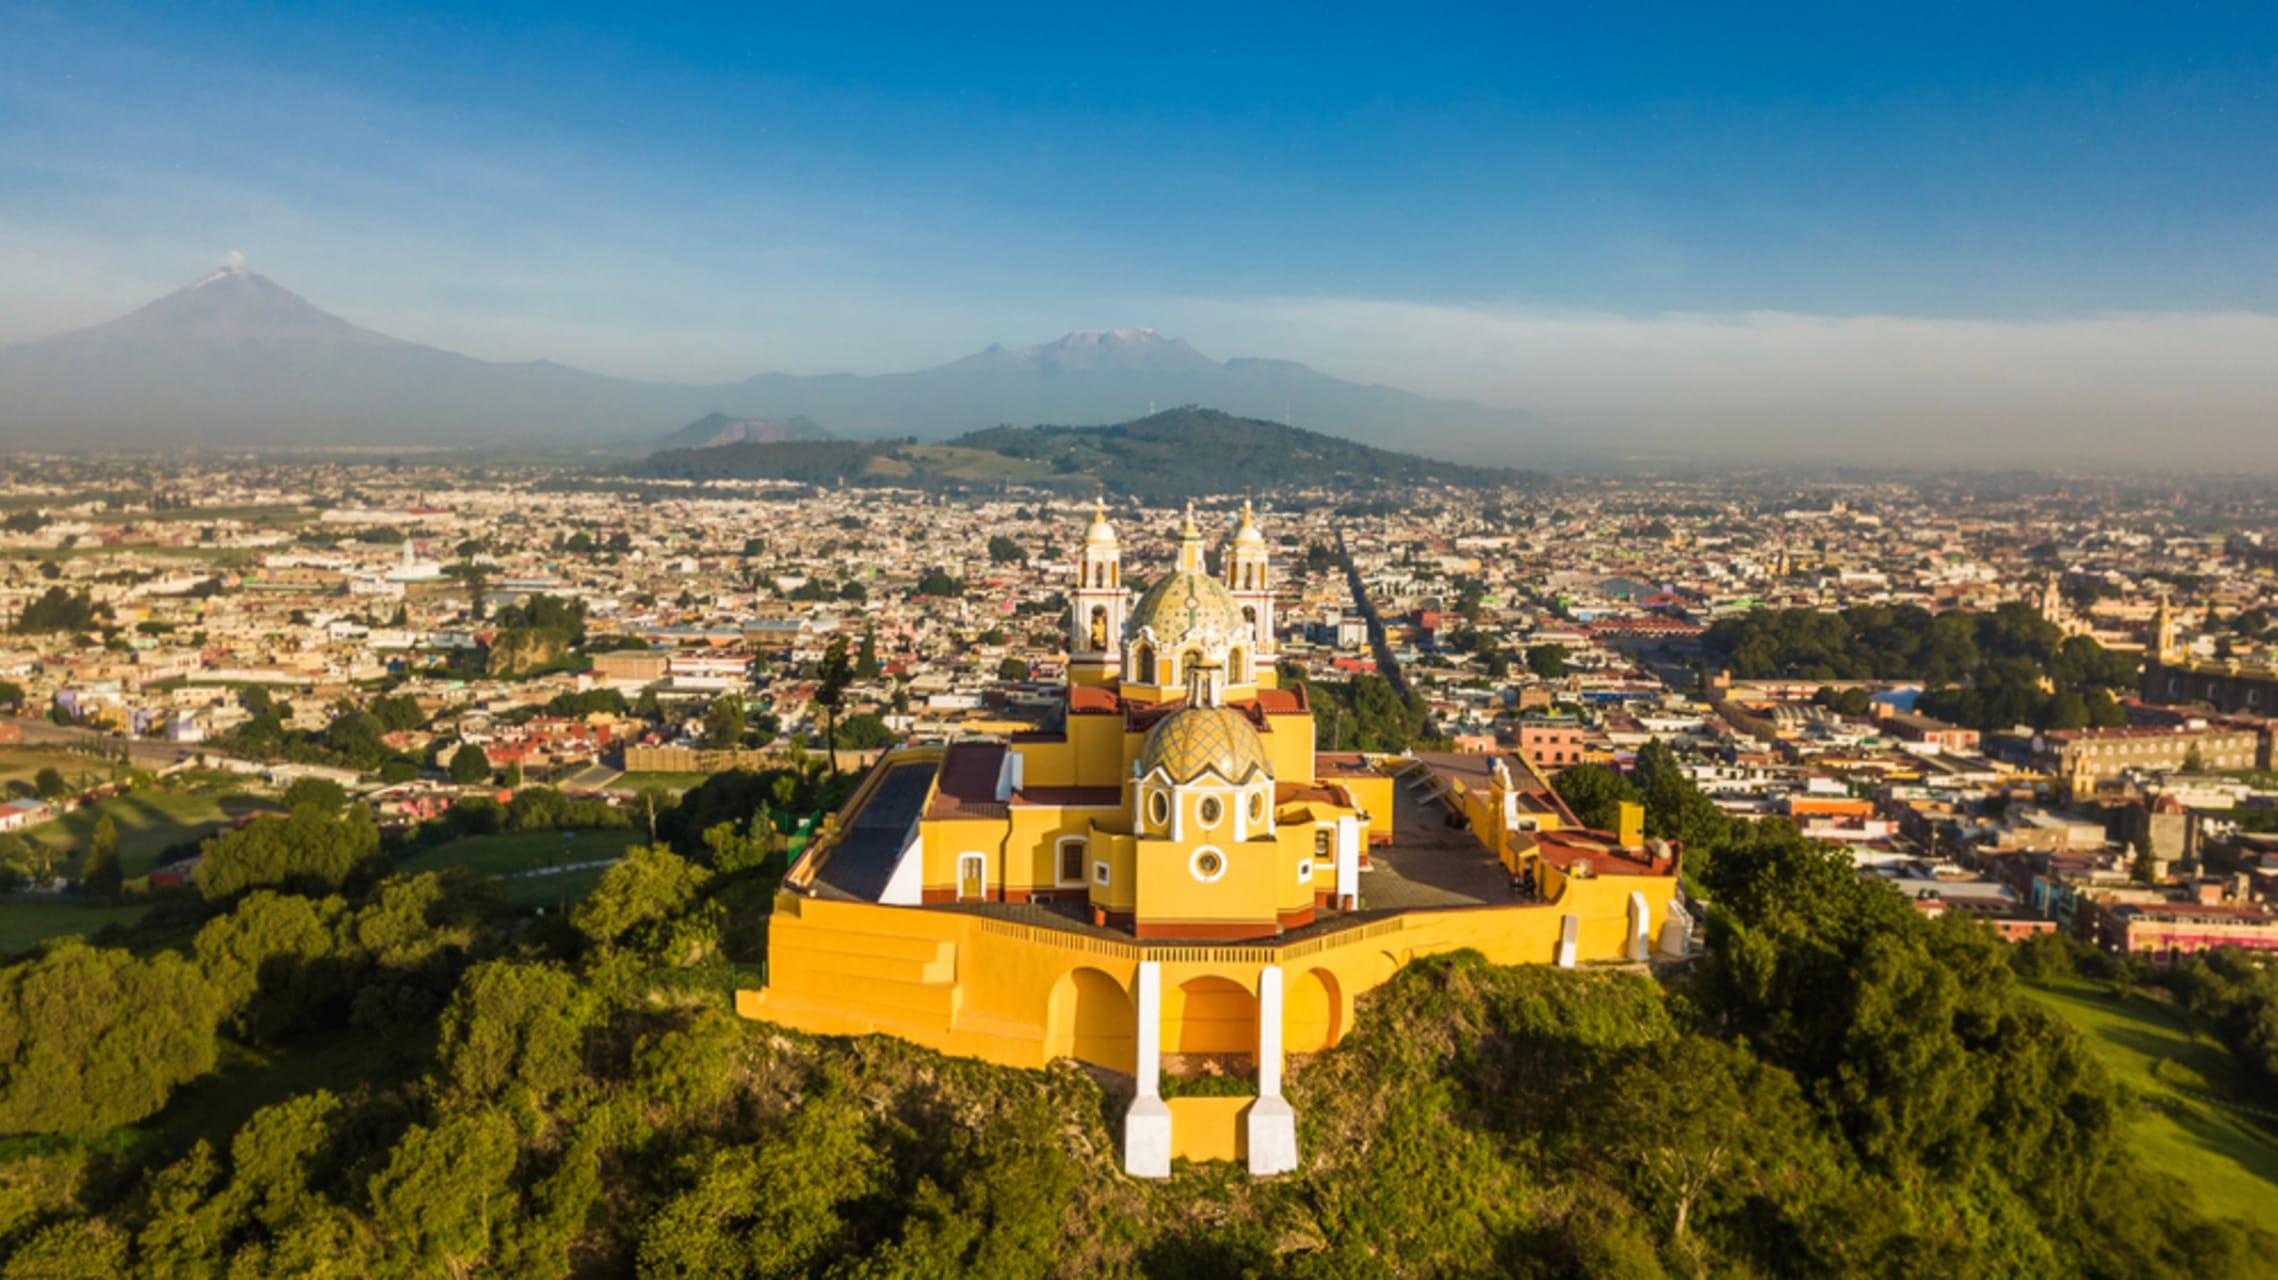 Puebla - The Real Meaning of Cinco de Mayo